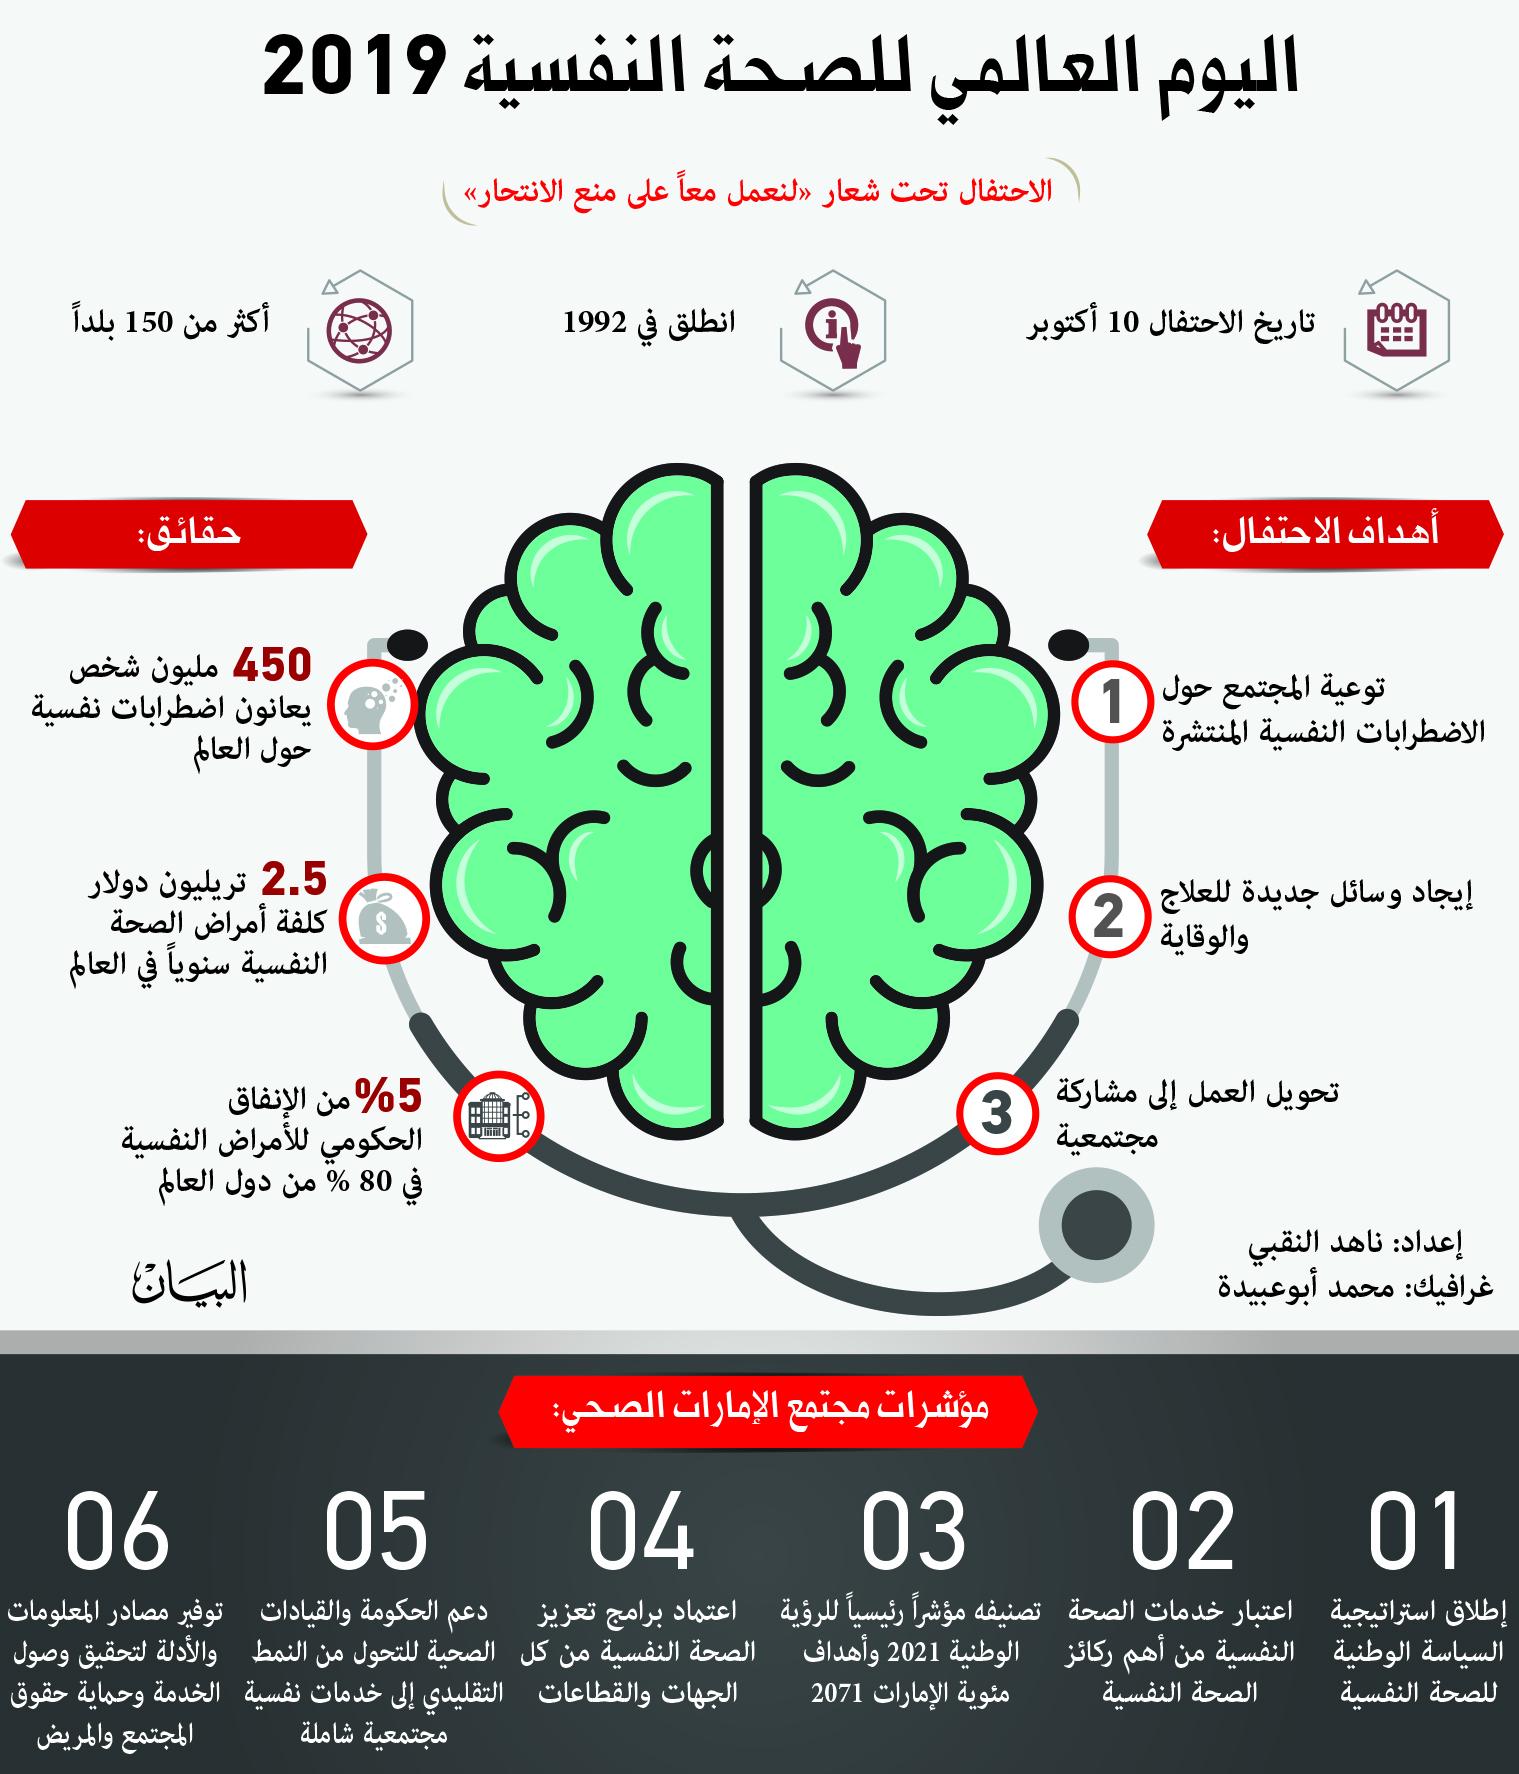 تعزيز طرق التربية يؤهل جيلا جاهزا للتحديات عبر الإمارات أخبار وتقارير البيان